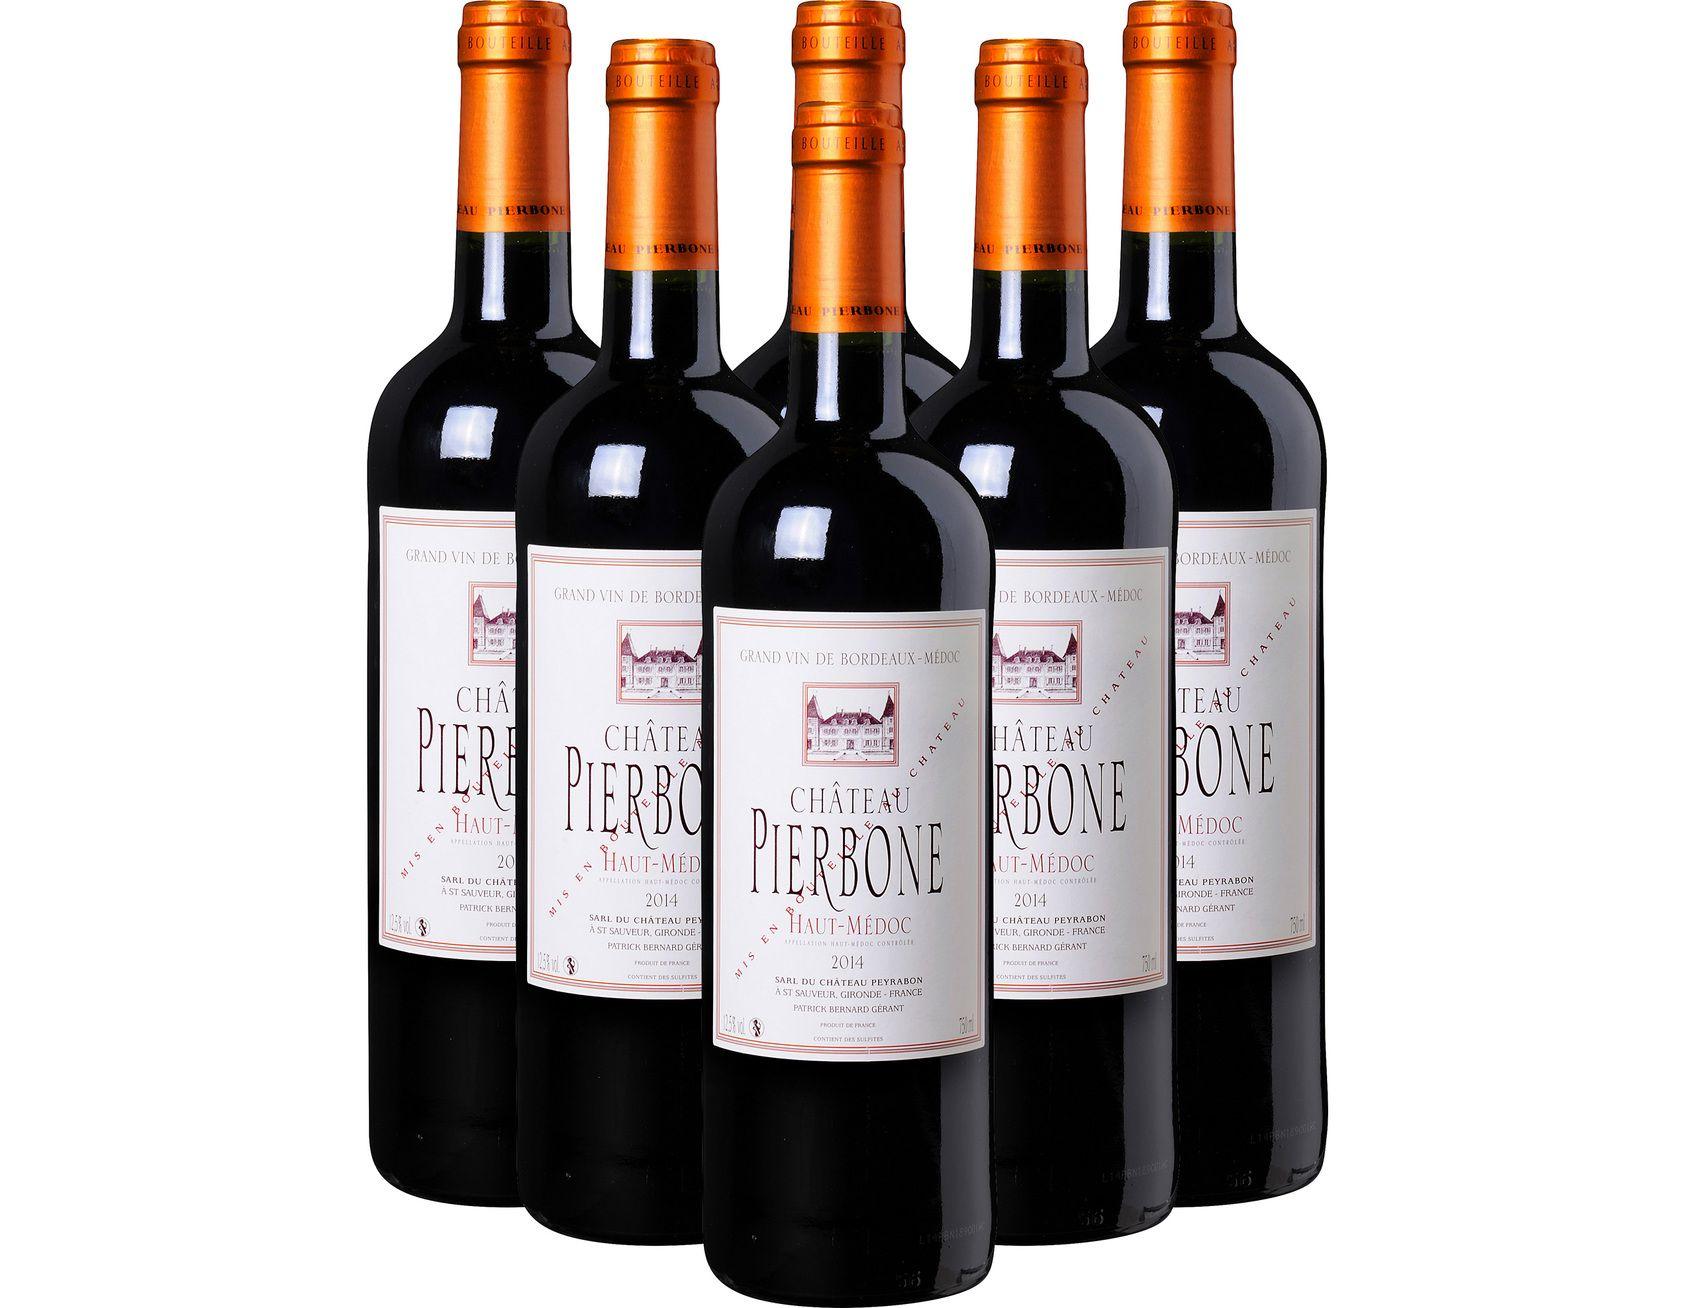 6 bouteilles de vin rouge Haut-Médoc AOC Château Pierbone 2014 - 6 x 75cl